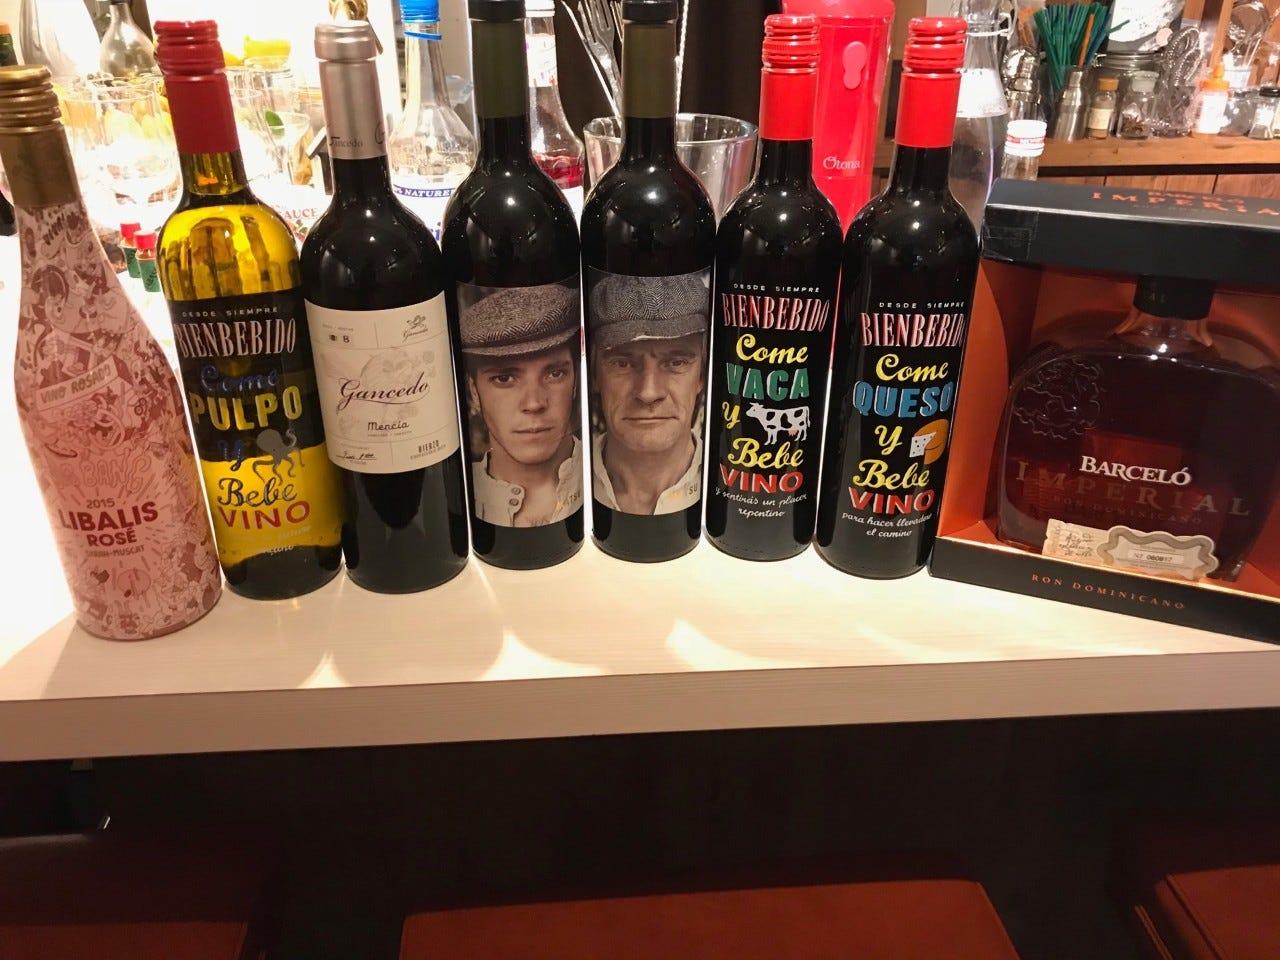 リーズナブルで美味しい厳選ワイン